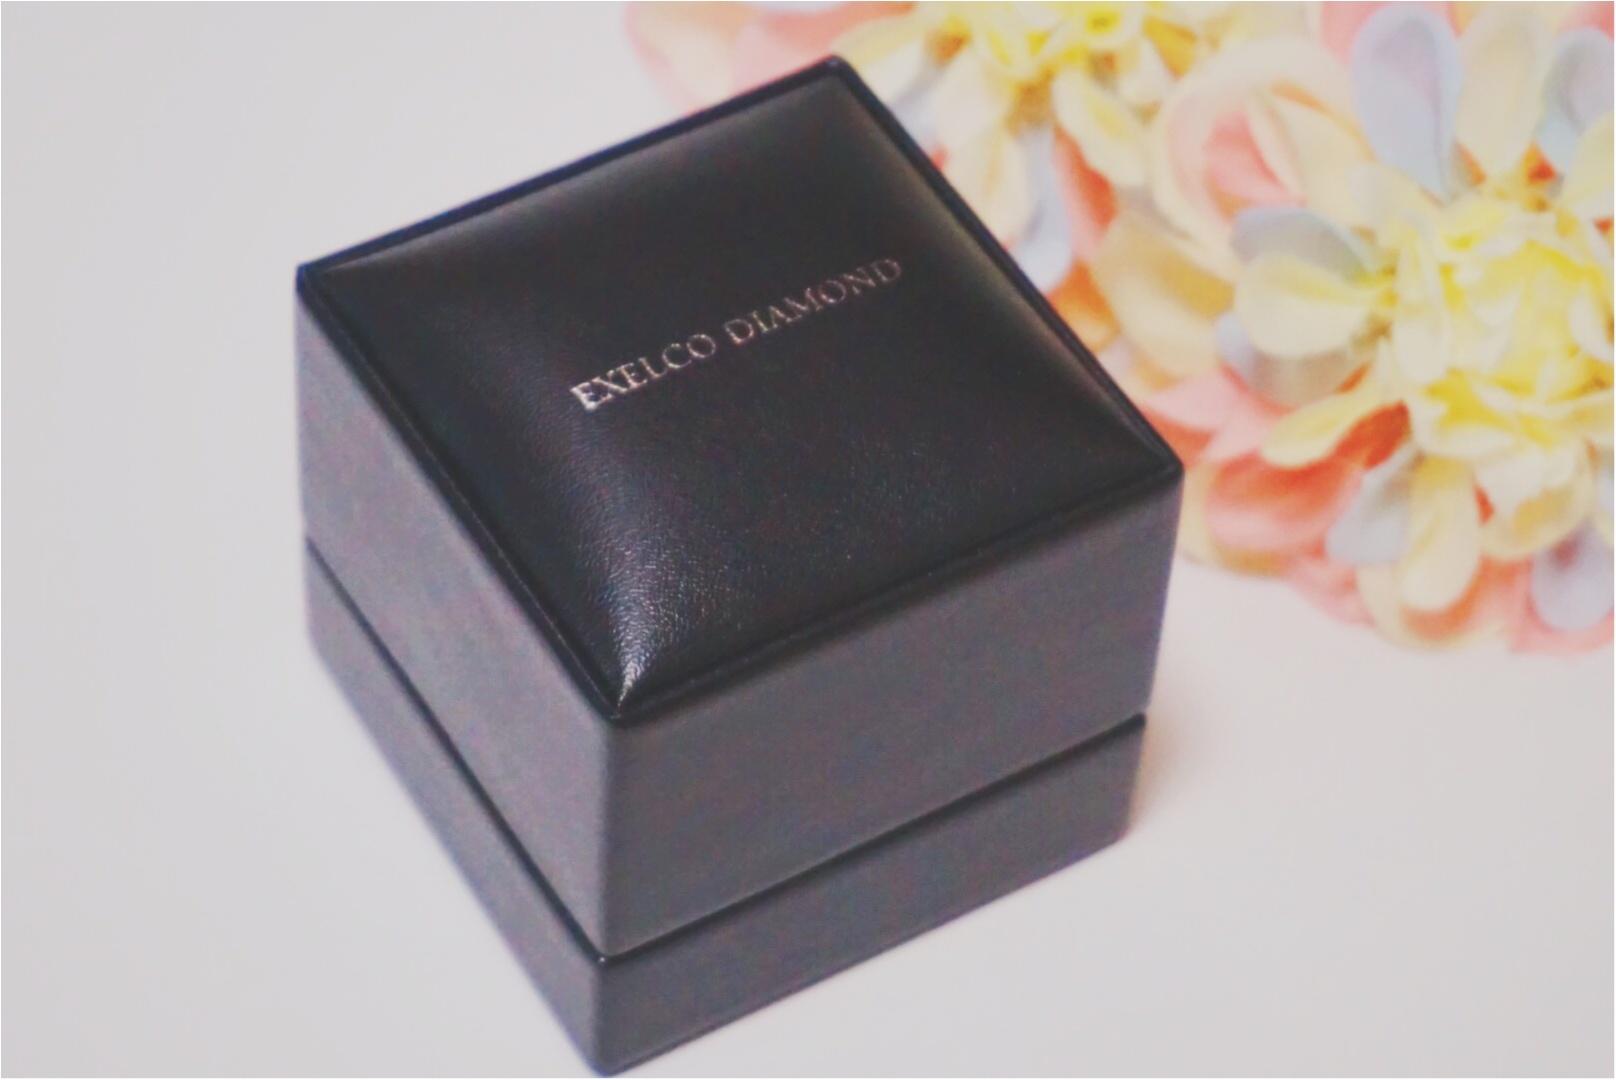 婚約指輪のおすすめブランド特集 - ティファニー、カルティエ、ディオールなどエンゲージリングまとめ_68